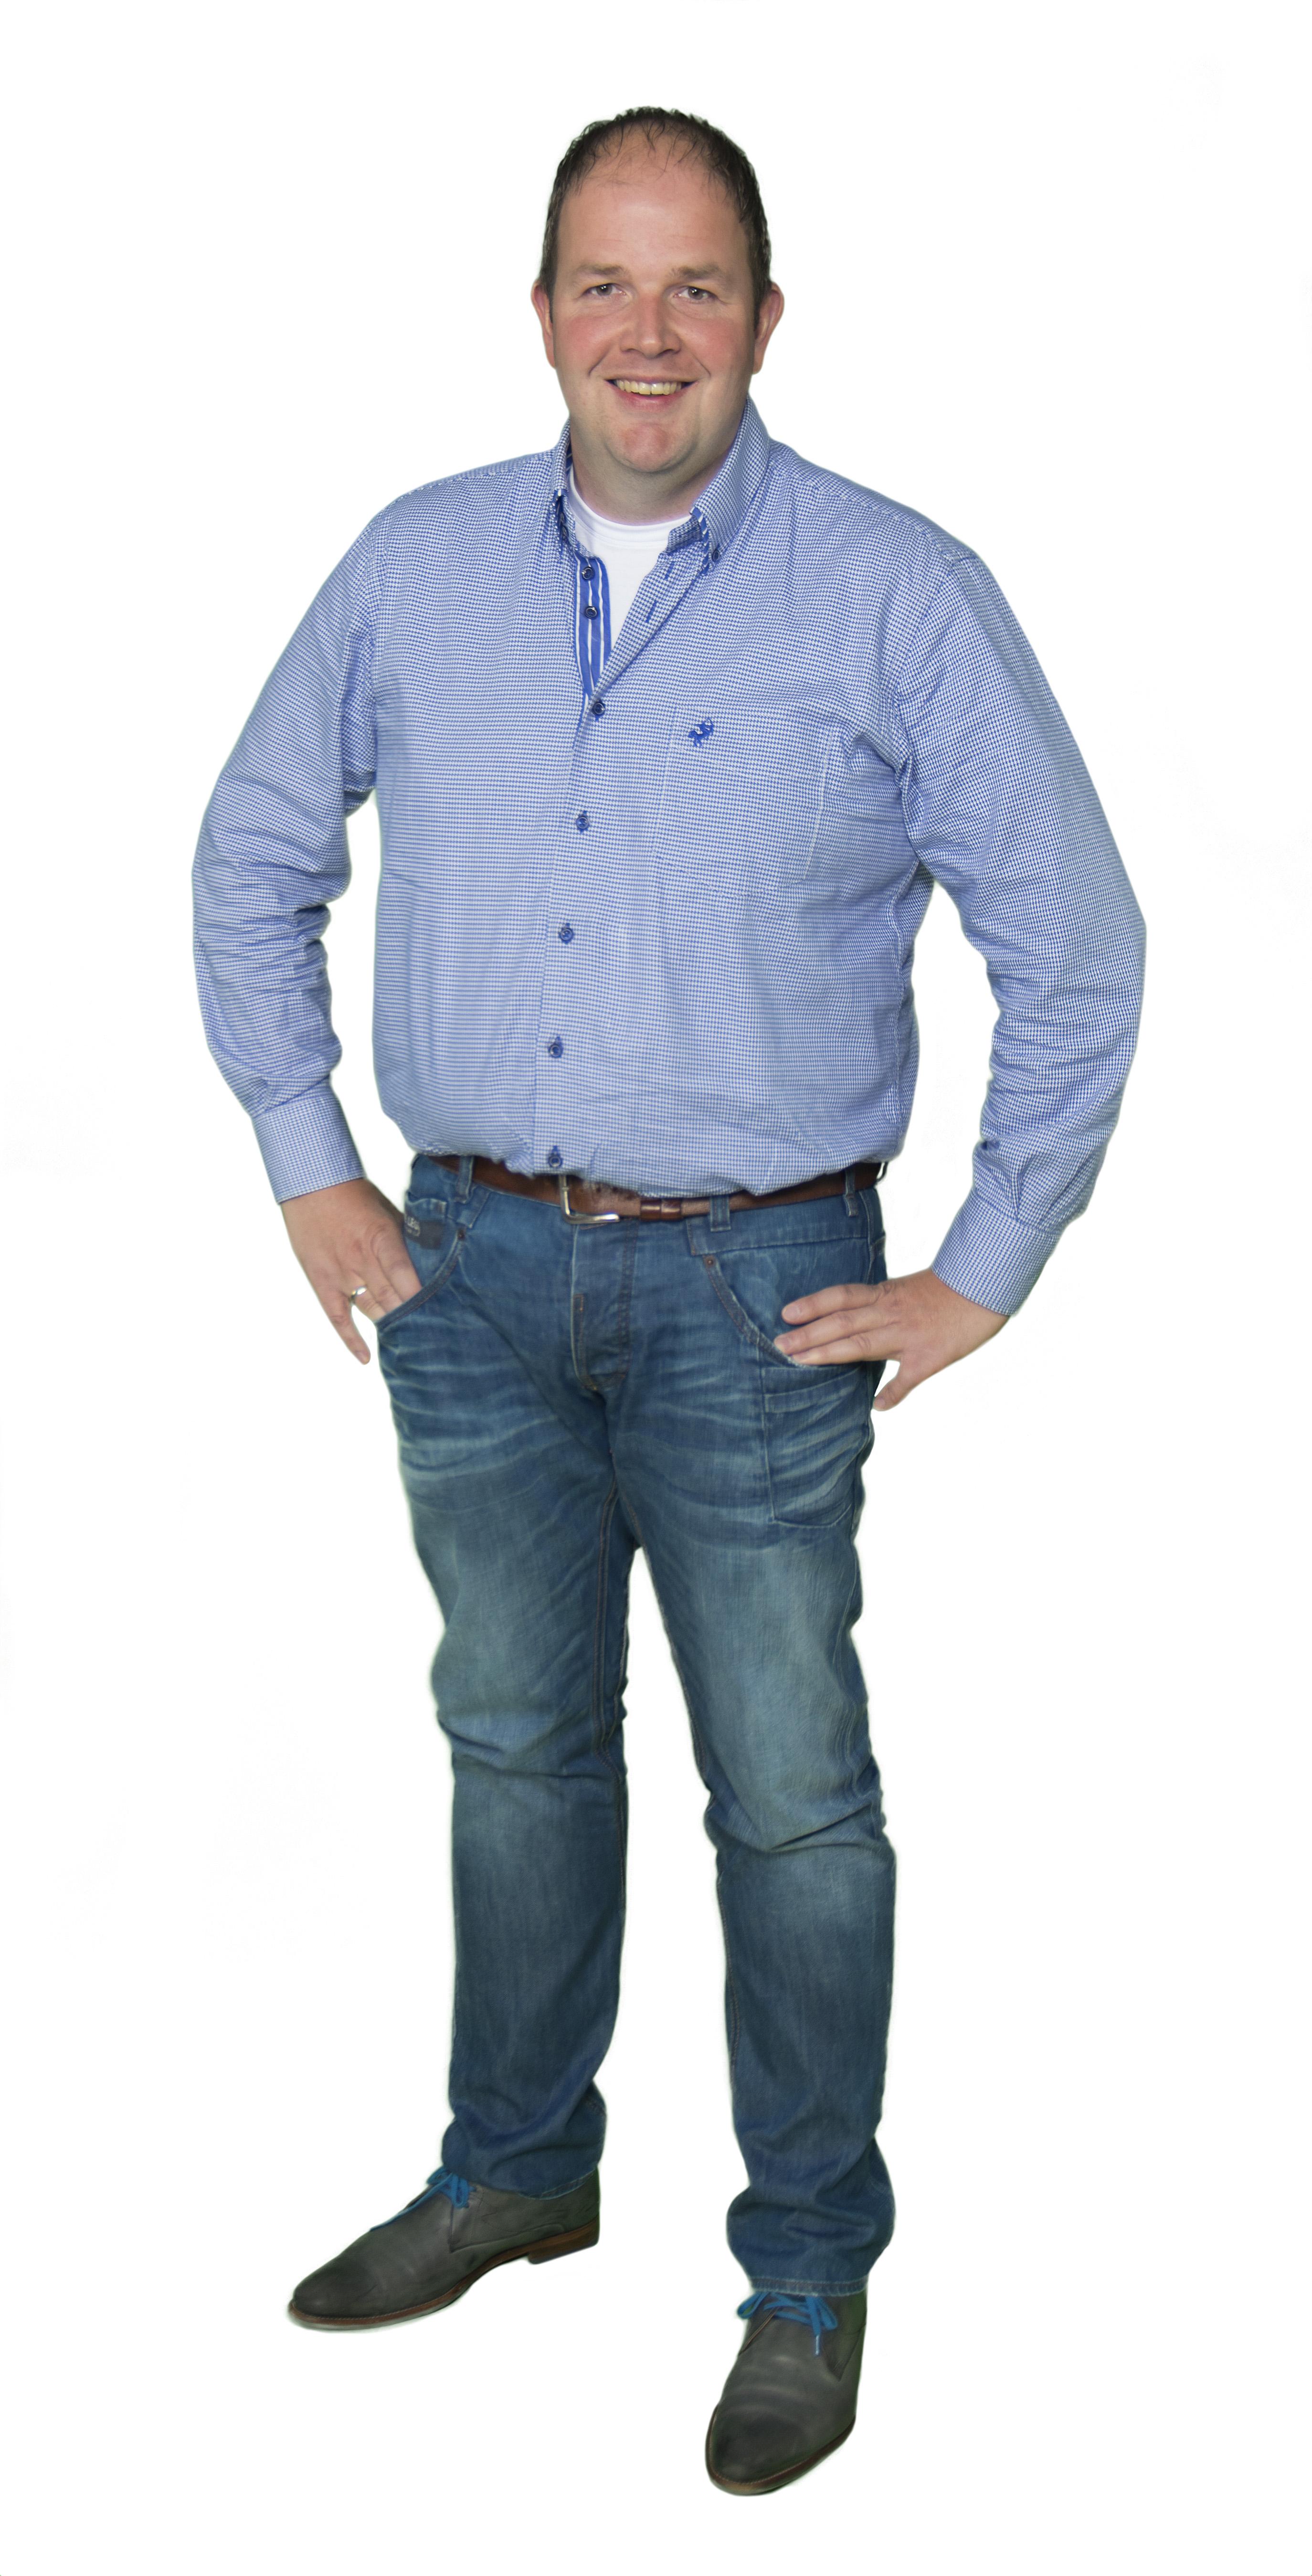 A.G. (Alex) van den Hoorn